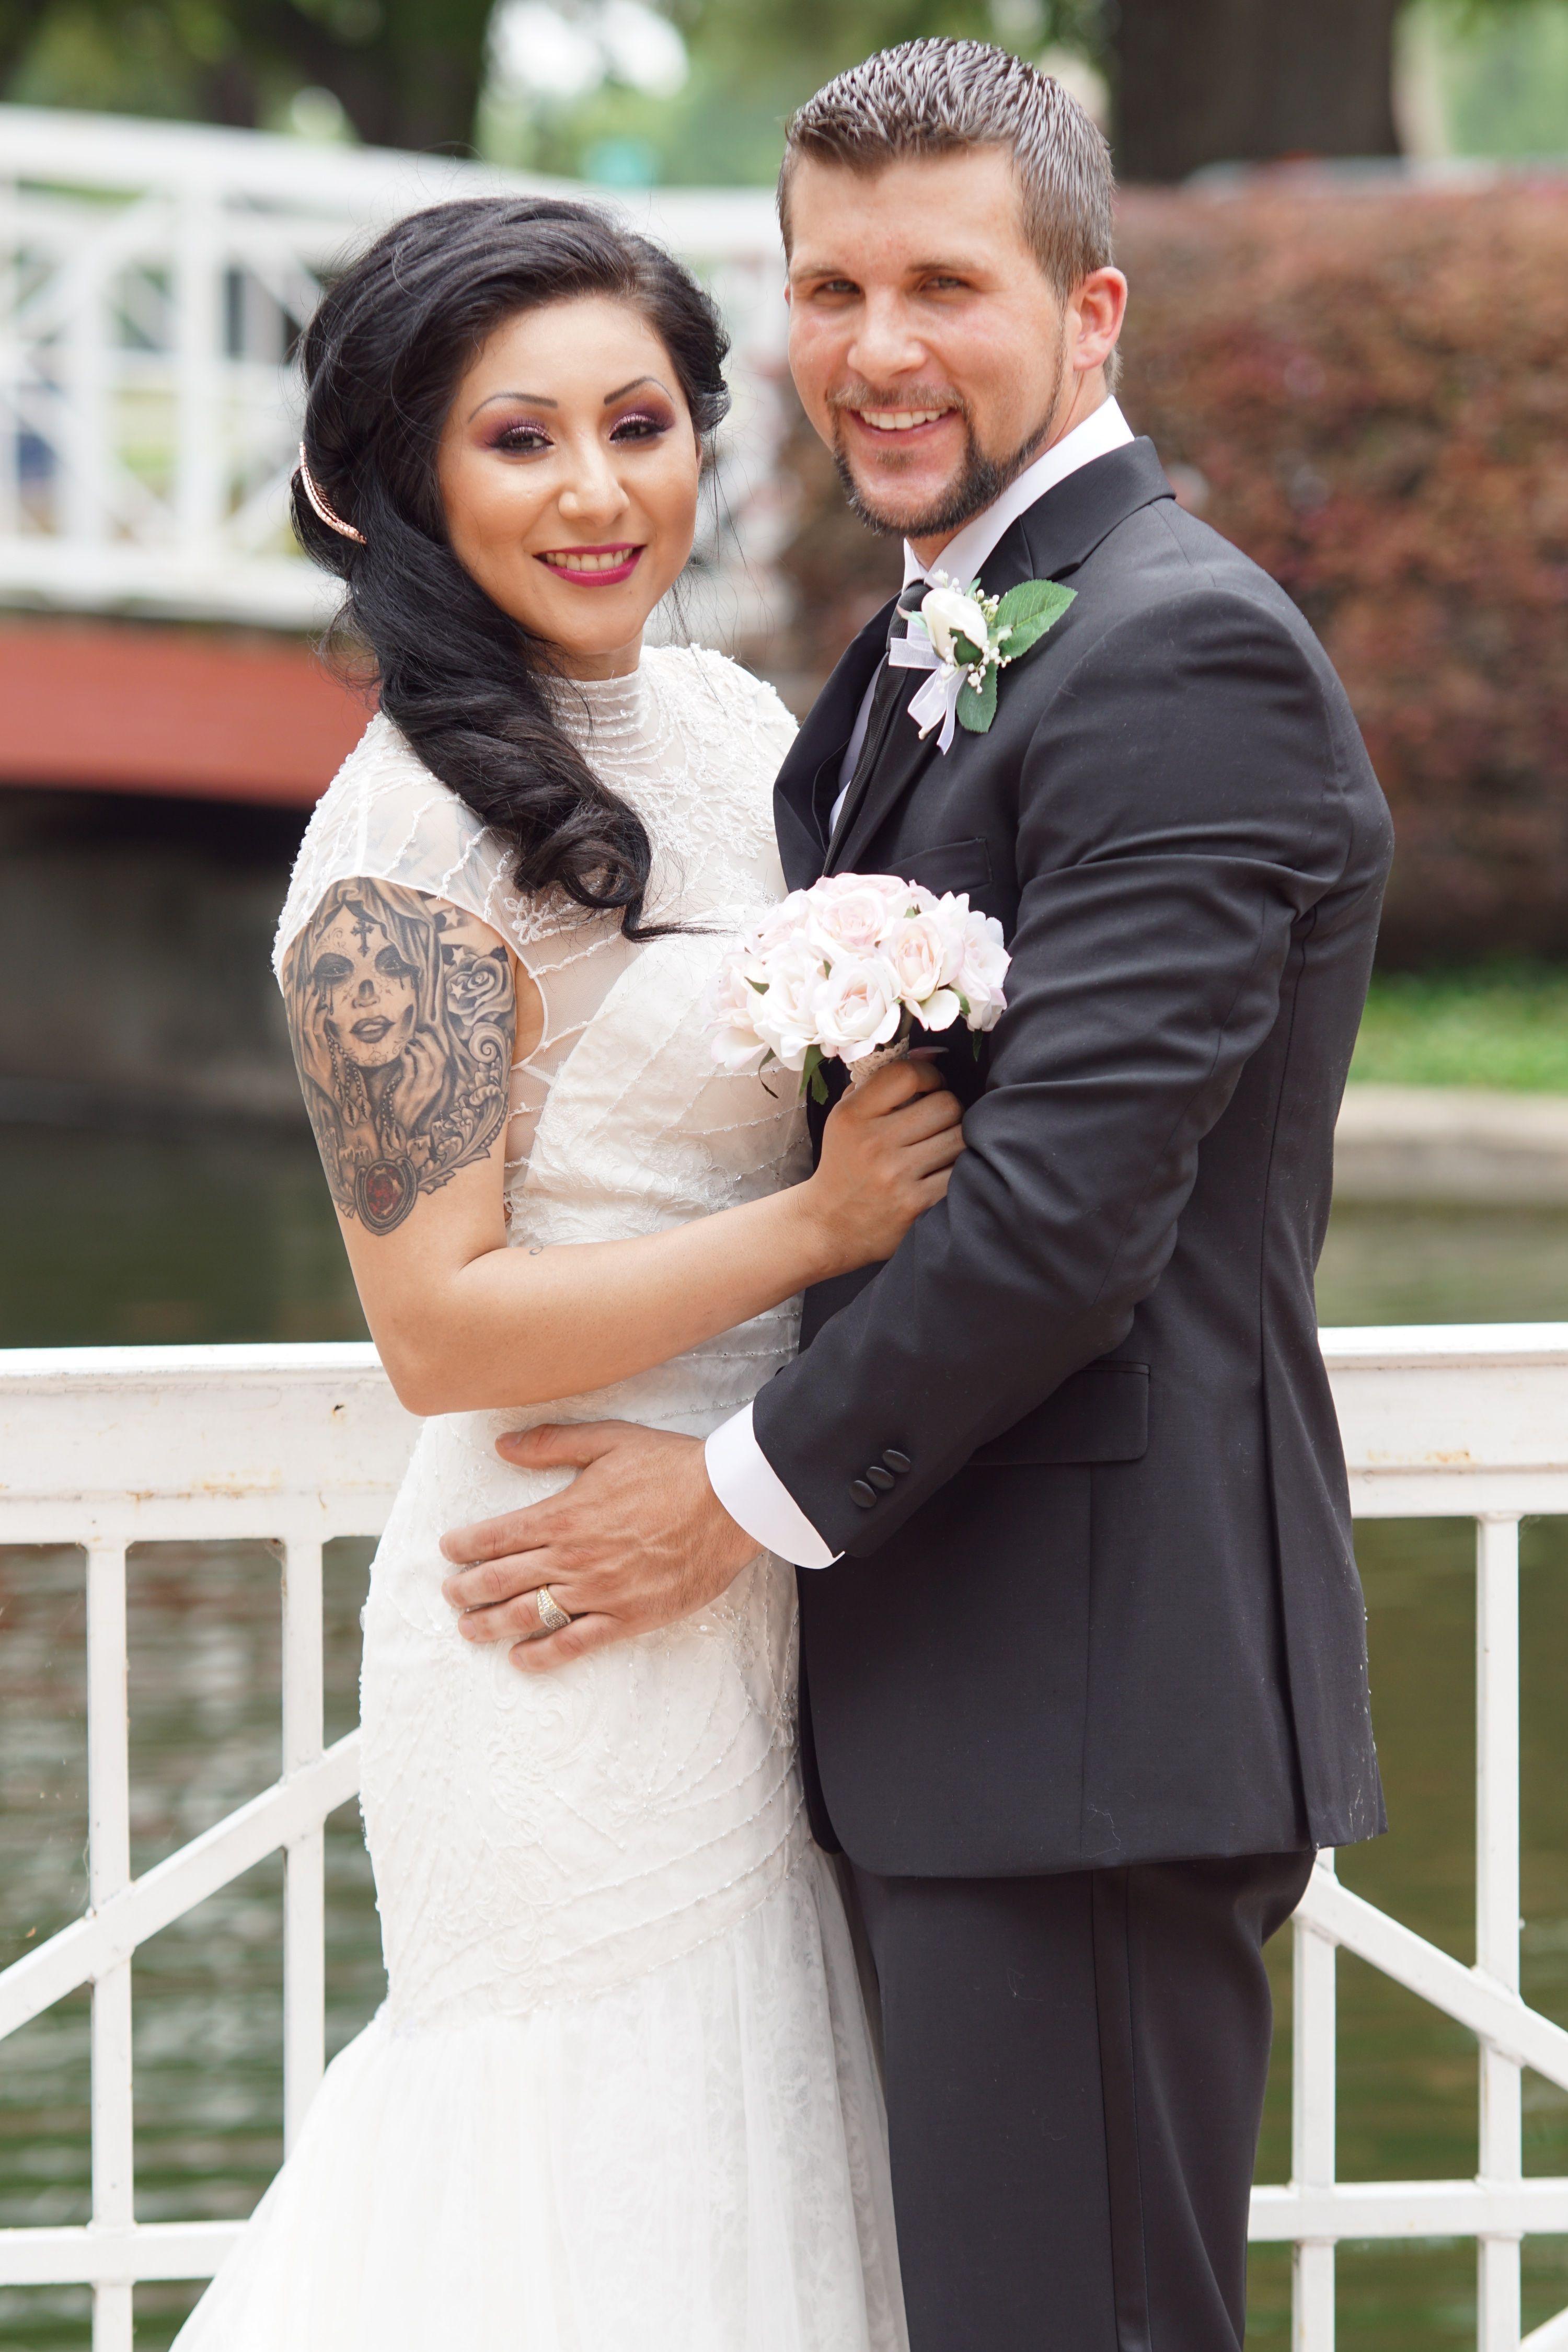 Weddings Couples Photography Weddingphotography Weddingphotos